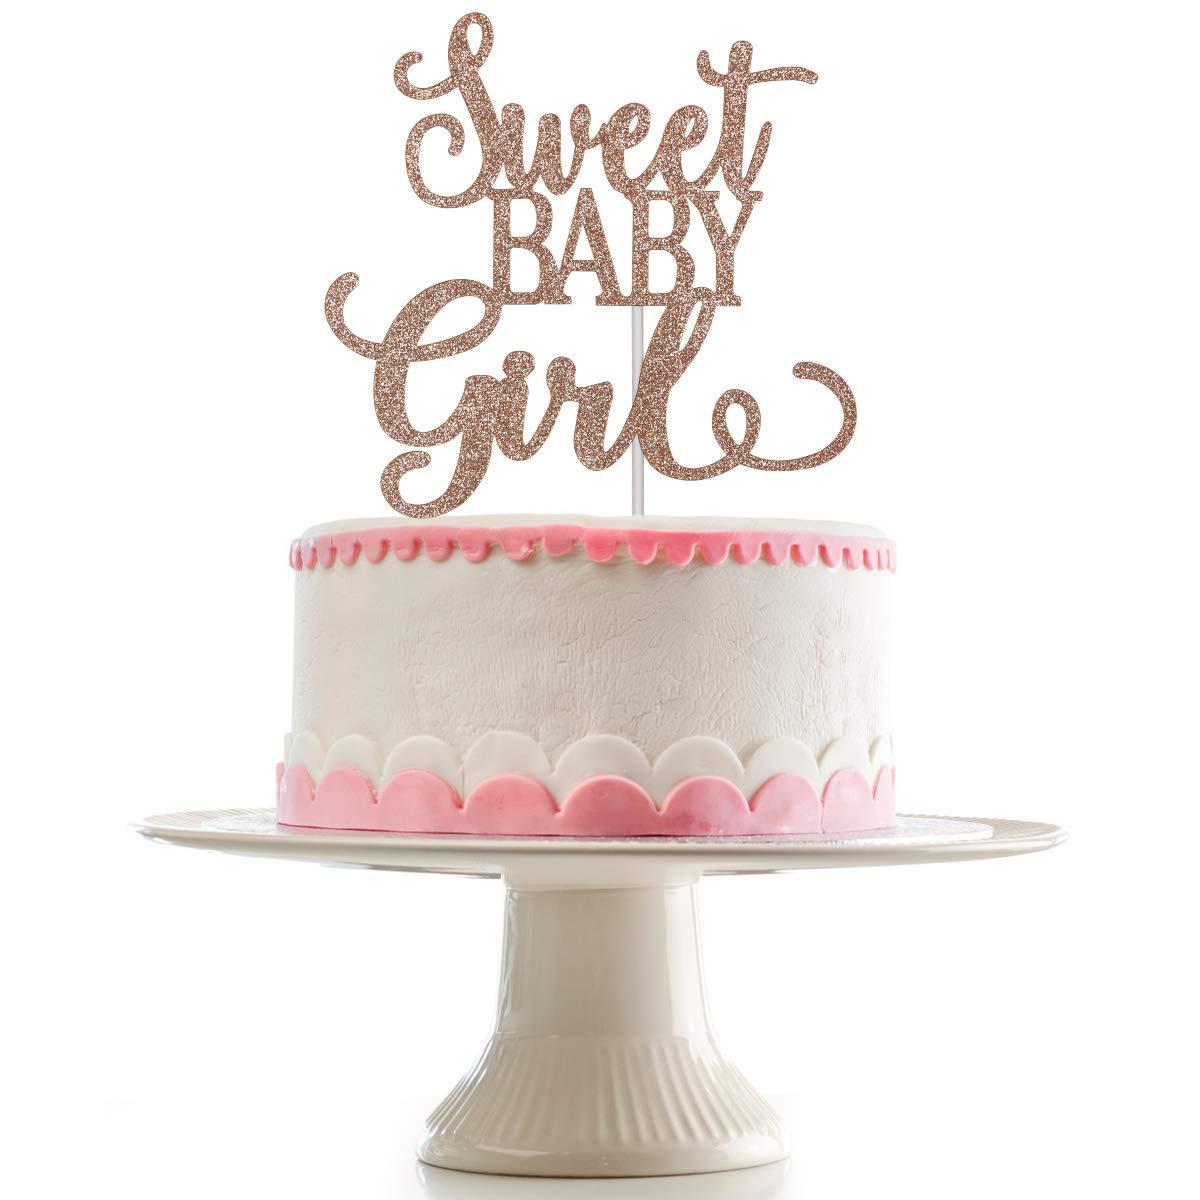 Rose Gold Glittery Sweet Baby Girl Cake Topper for Baby Shower Party,Baby Shower Cake Topper Decor